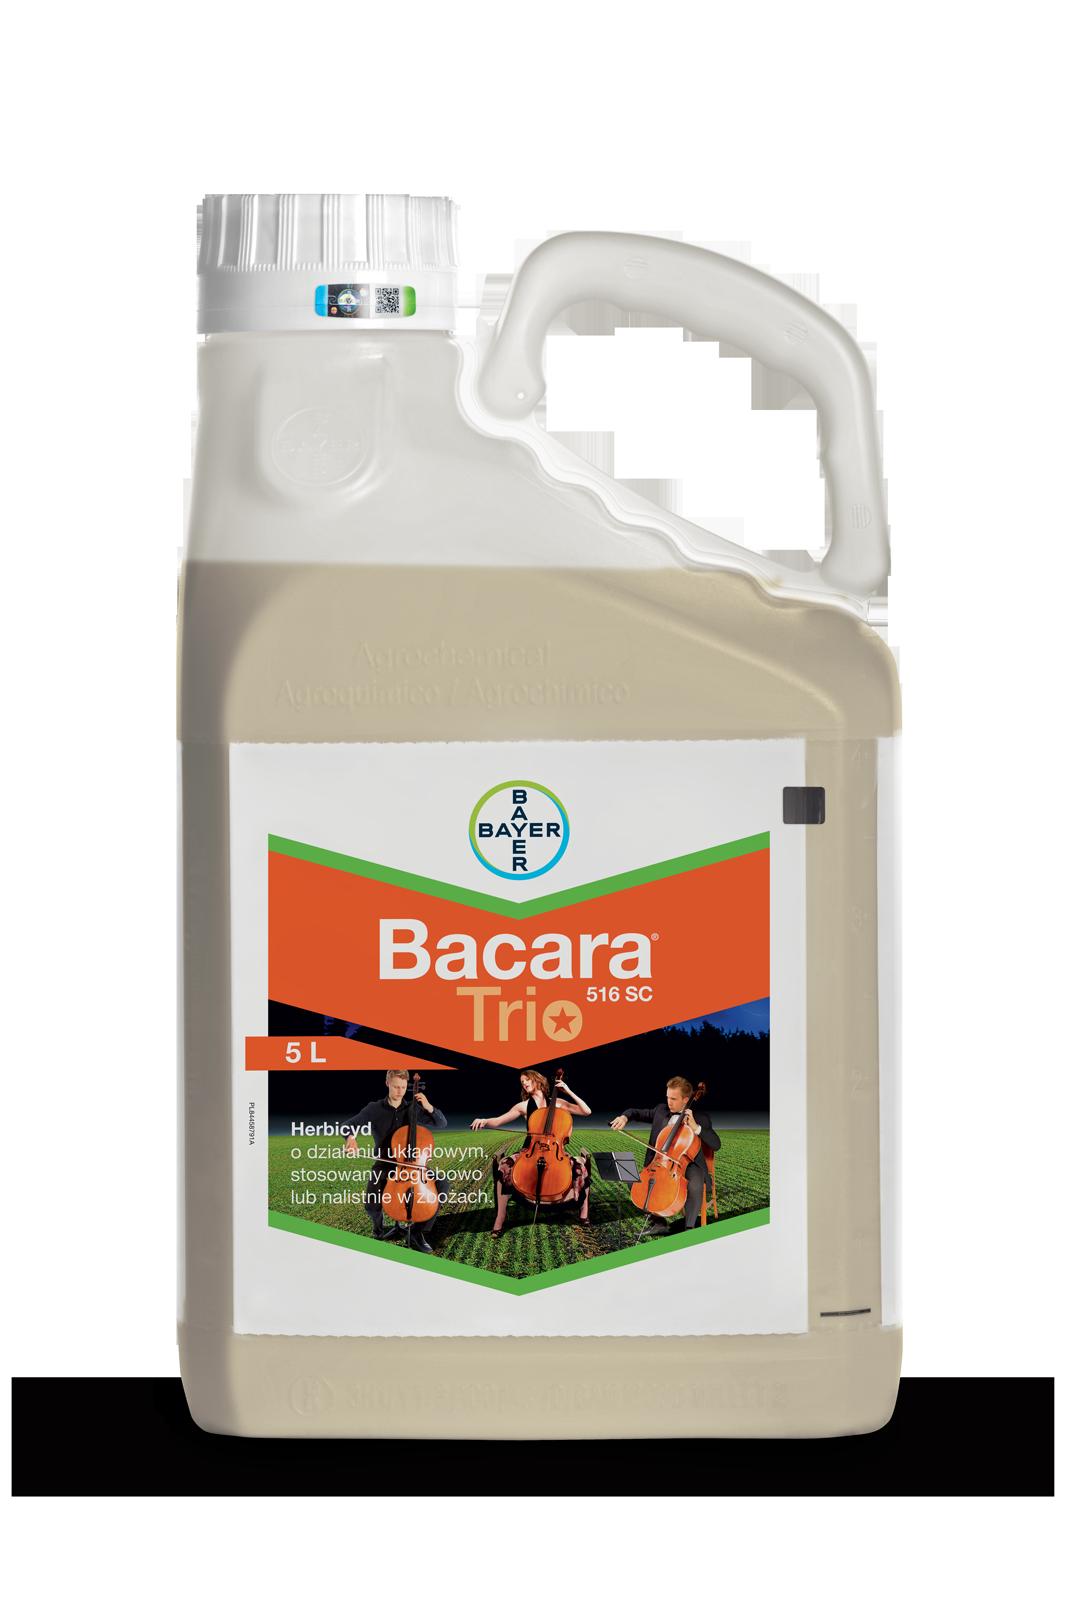 BACARA_TRIO